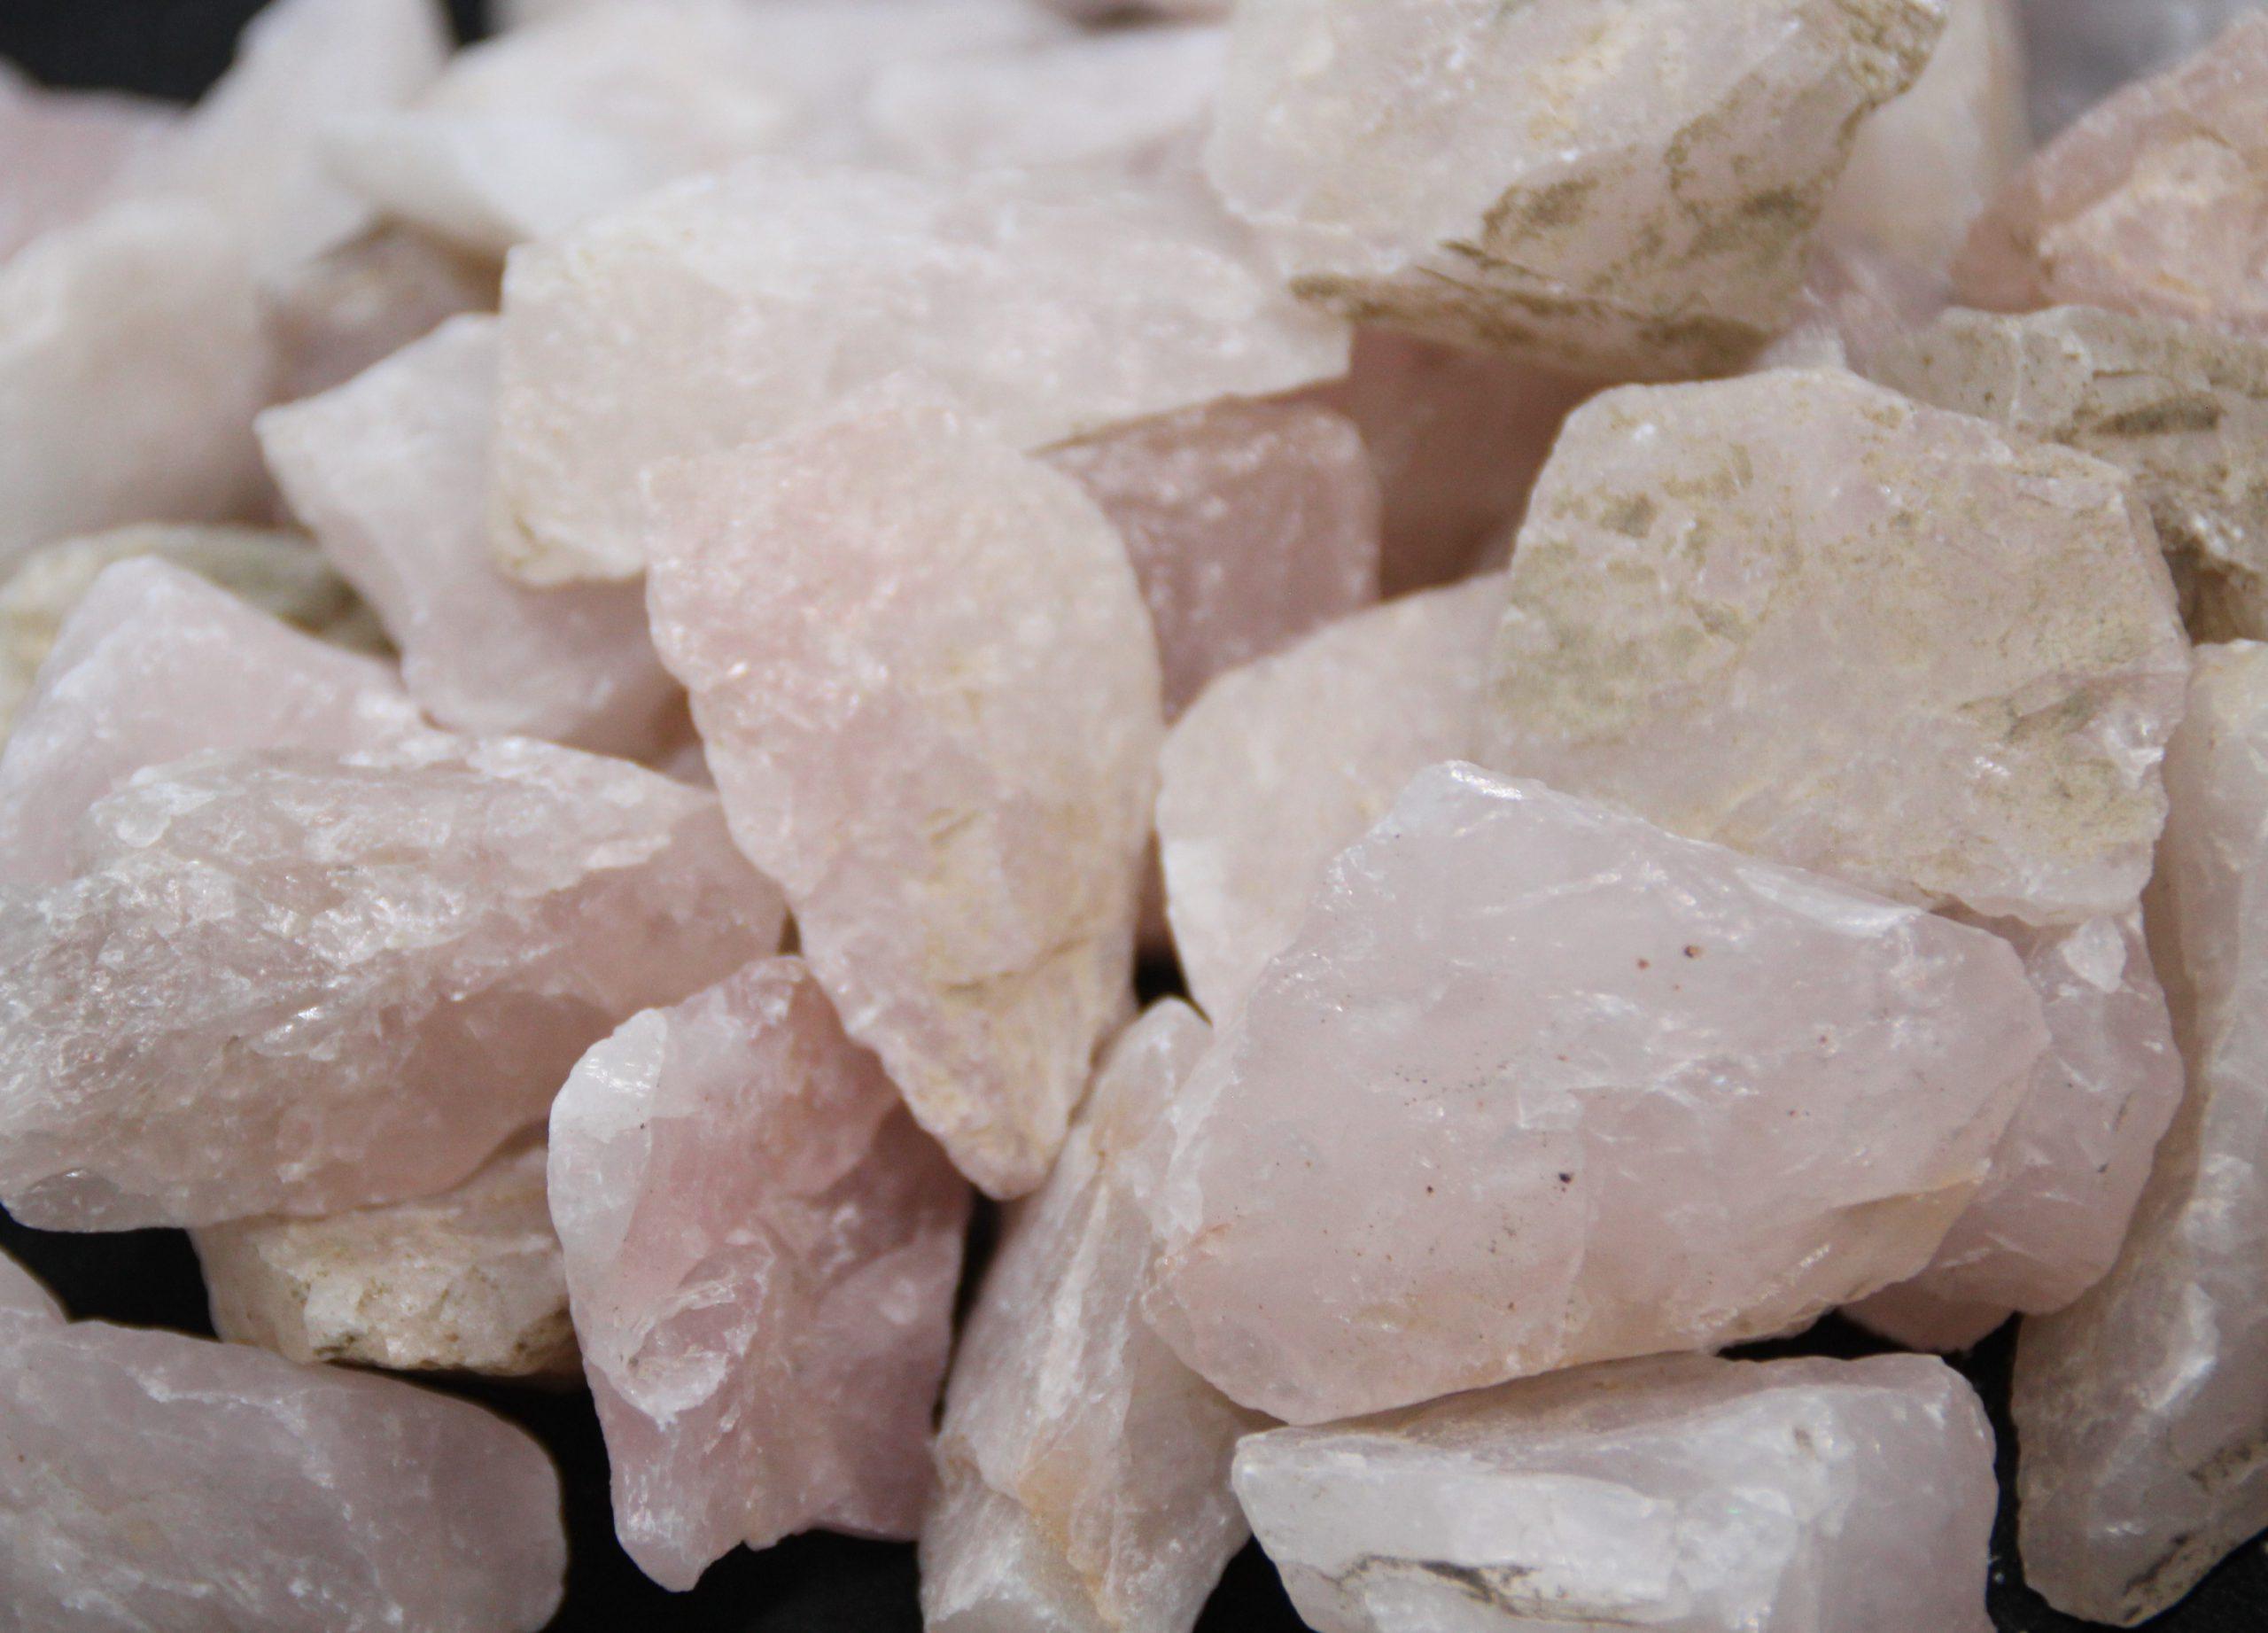 quartz-rose-brut-qualite-ab-SHIVA-ESOTERISME-LITHOTHERAPIE-MENEN-HALLUIN-PARIS-LILLE-MARSEILLE-NICE-FRANCE-BELGIQUE-marseille-poitiers